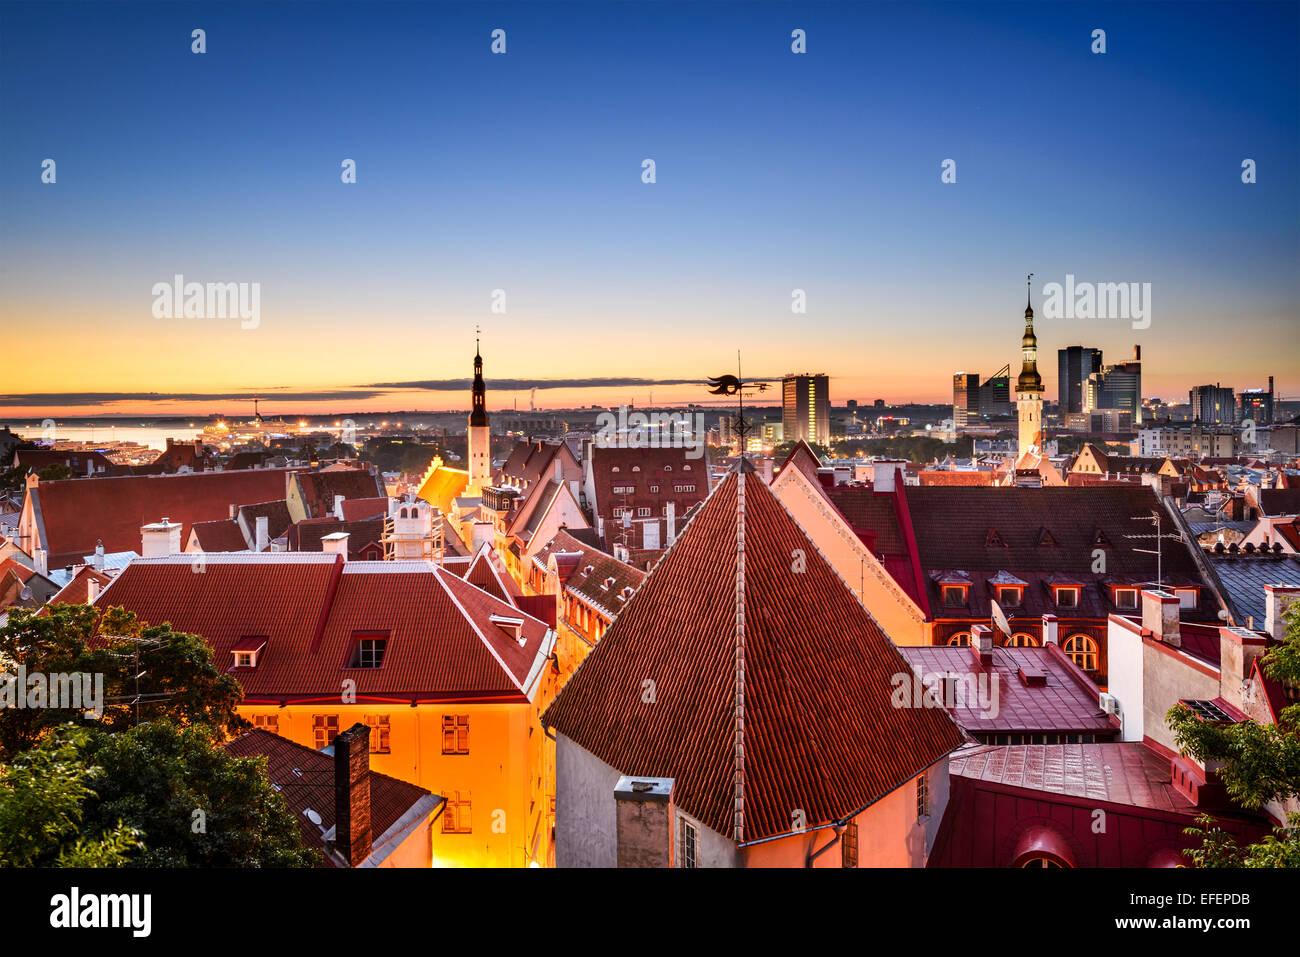 Tallinn, Estland-Dawn-Skyline in der Altstadt. Stockbild